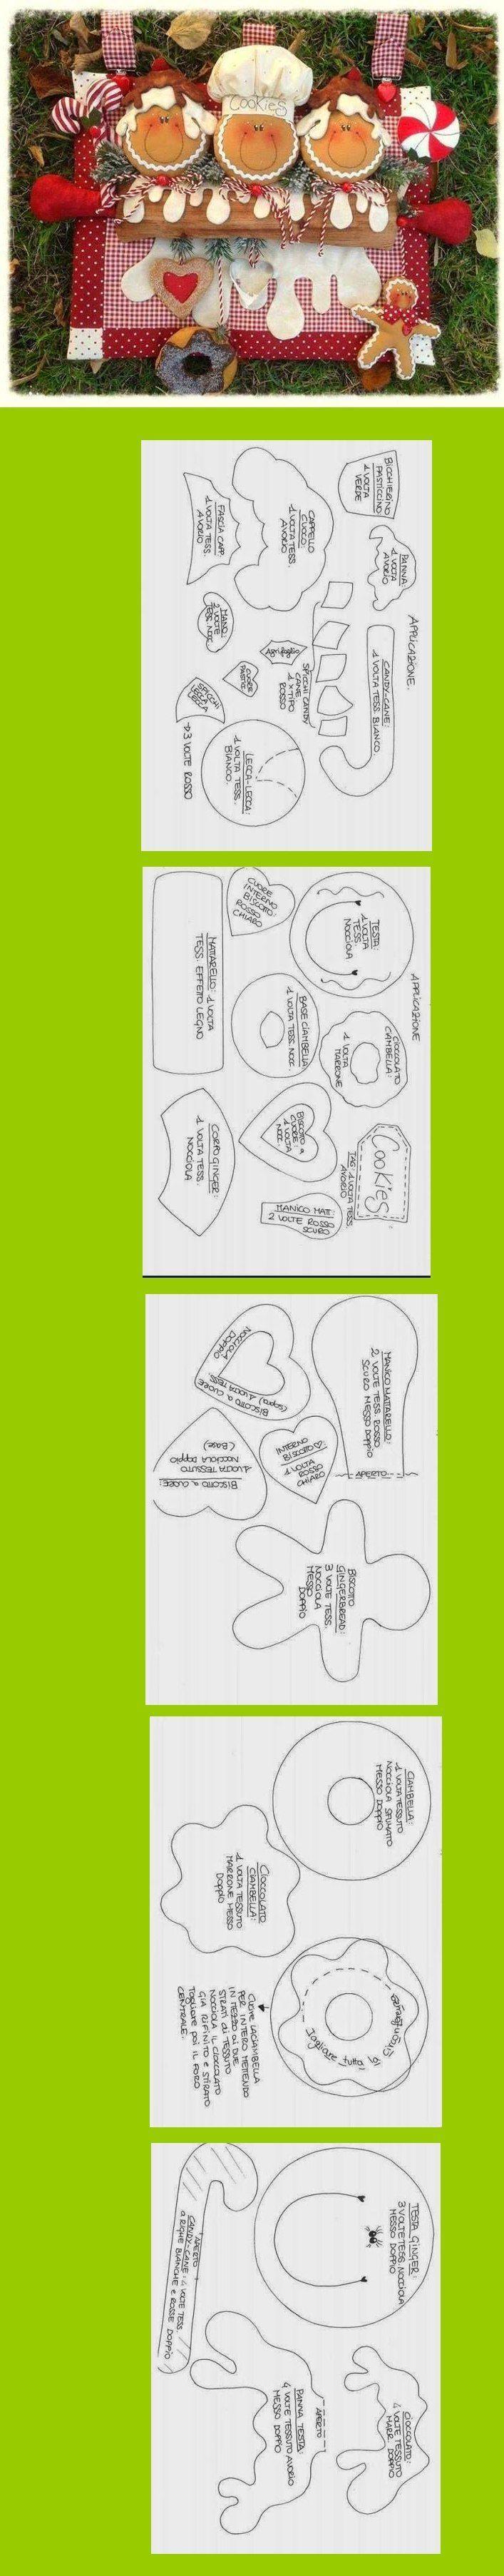 Игрушки из фетра своими руками: схемы, шаблоны и выкройки 44